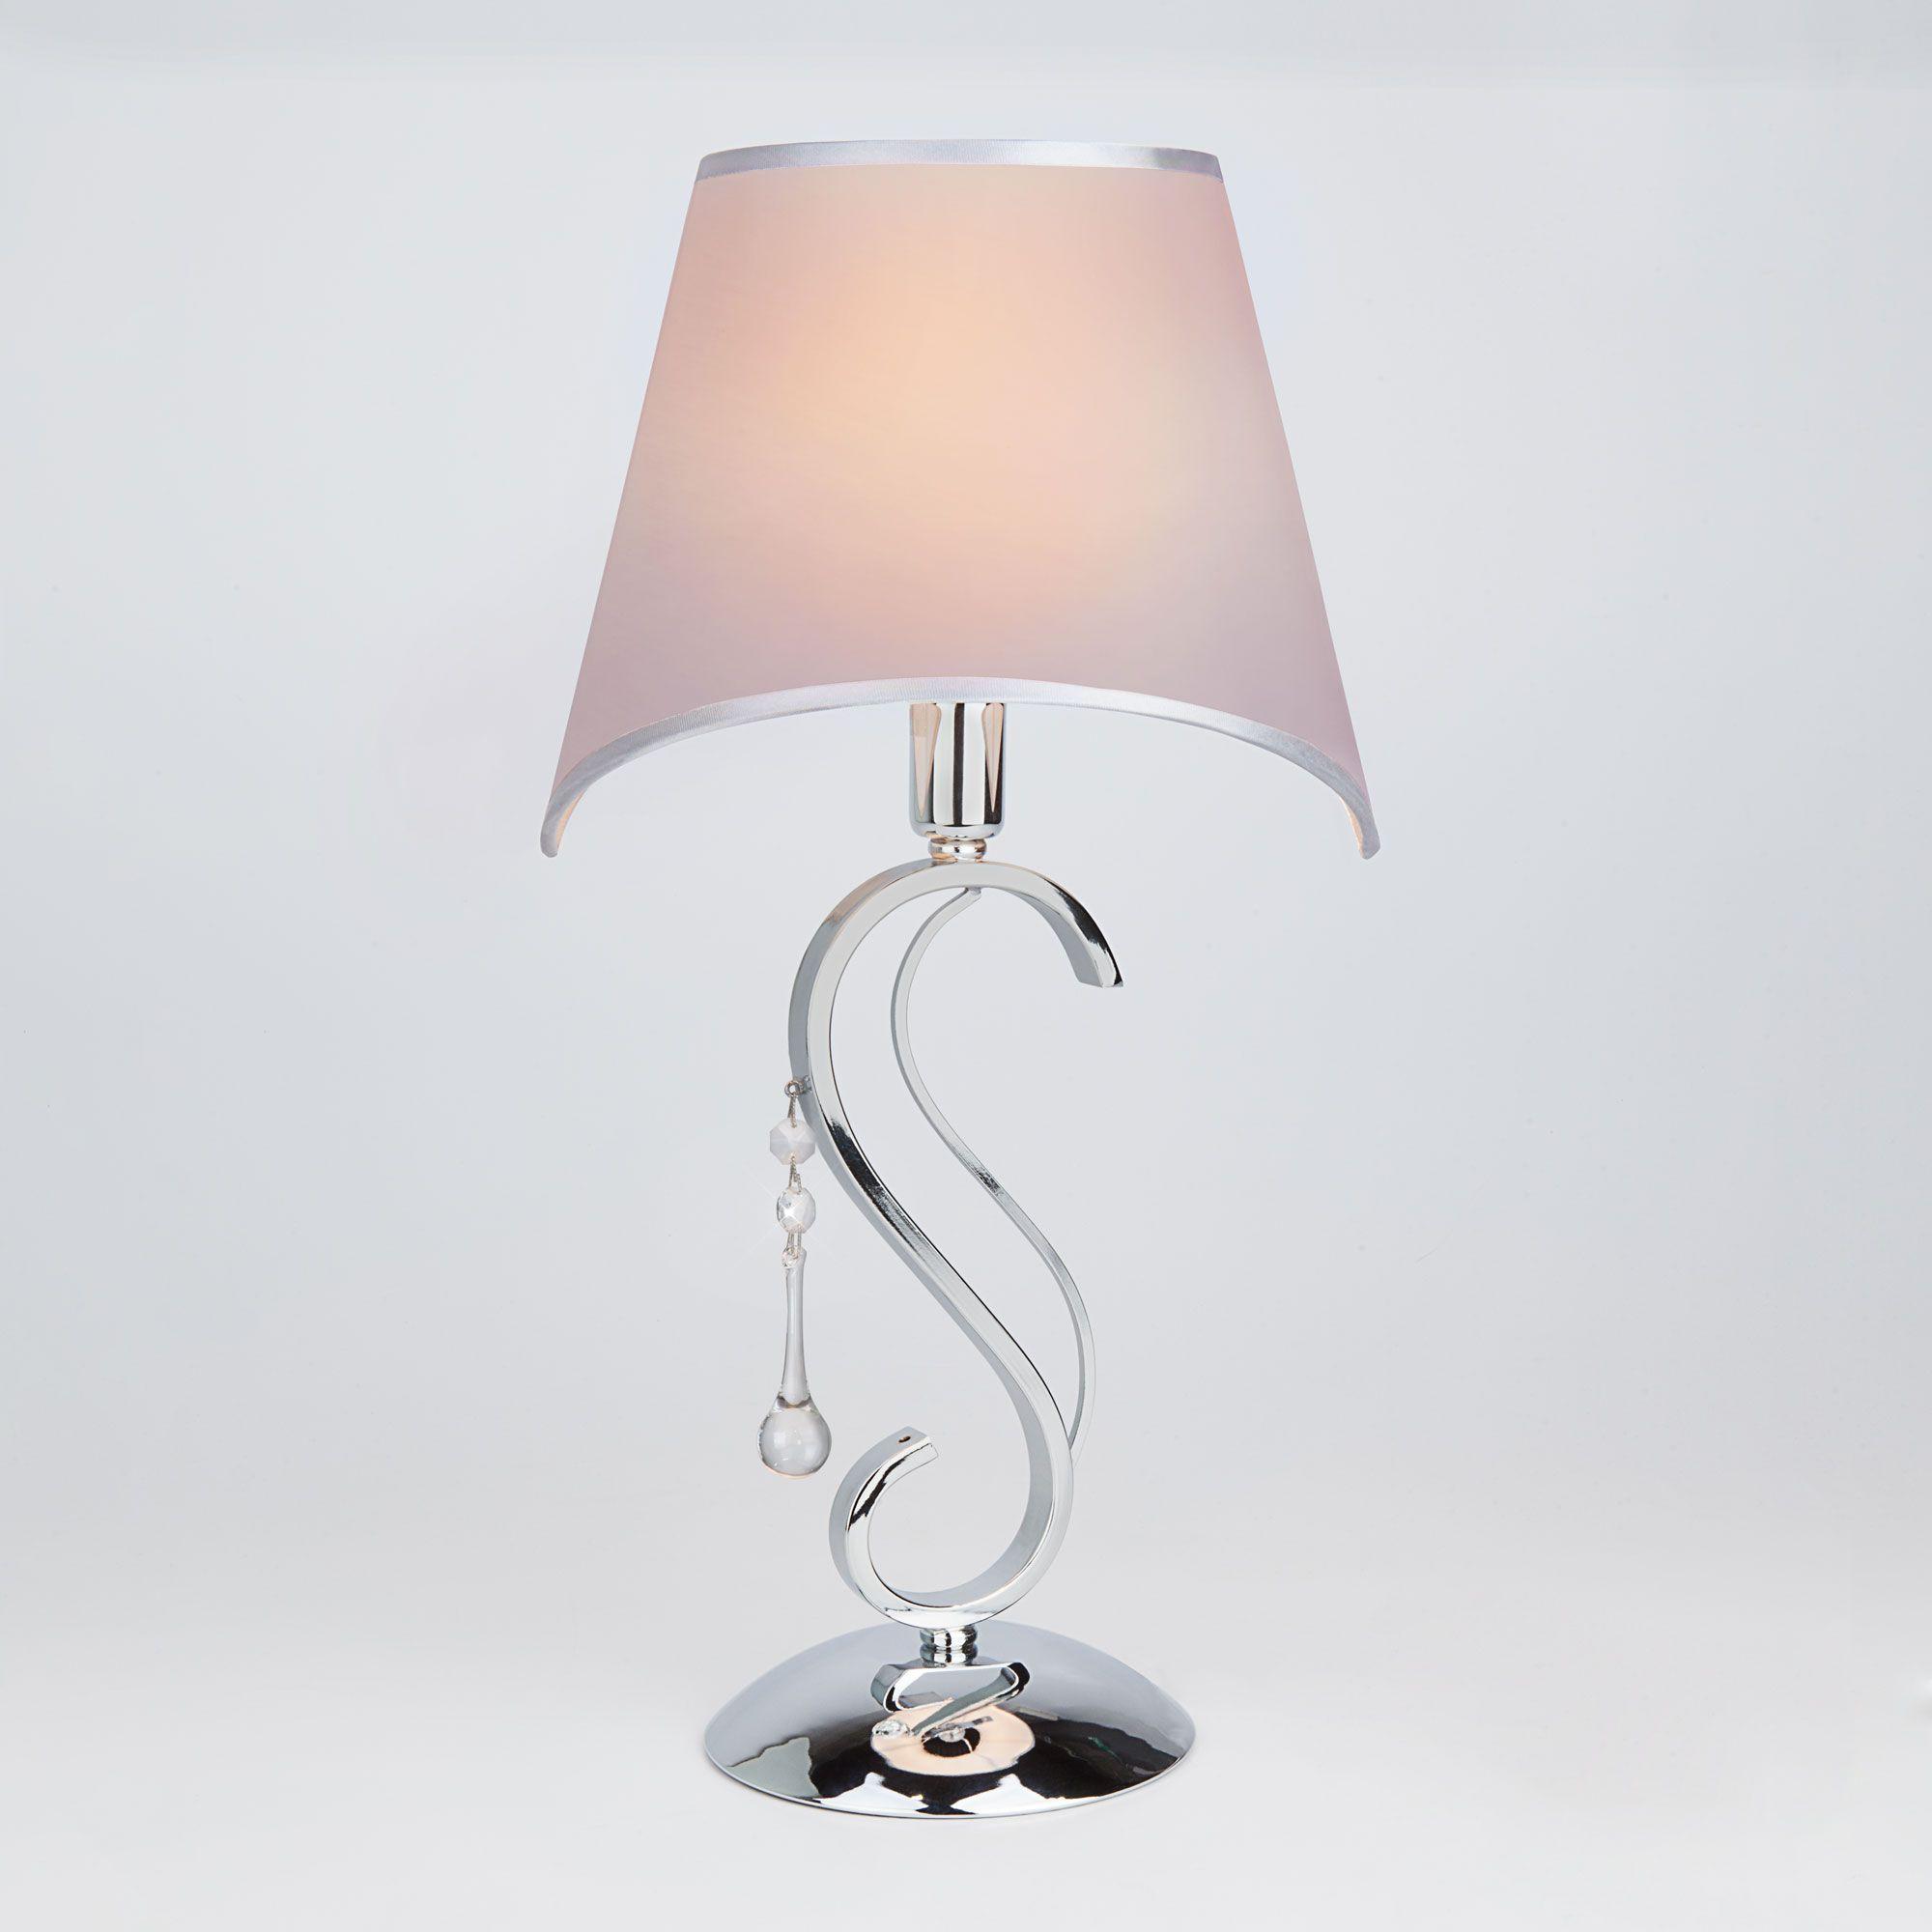 Настольная лампа с абажуром 01053/1 хром/прозрачный хрусталь Strotskis